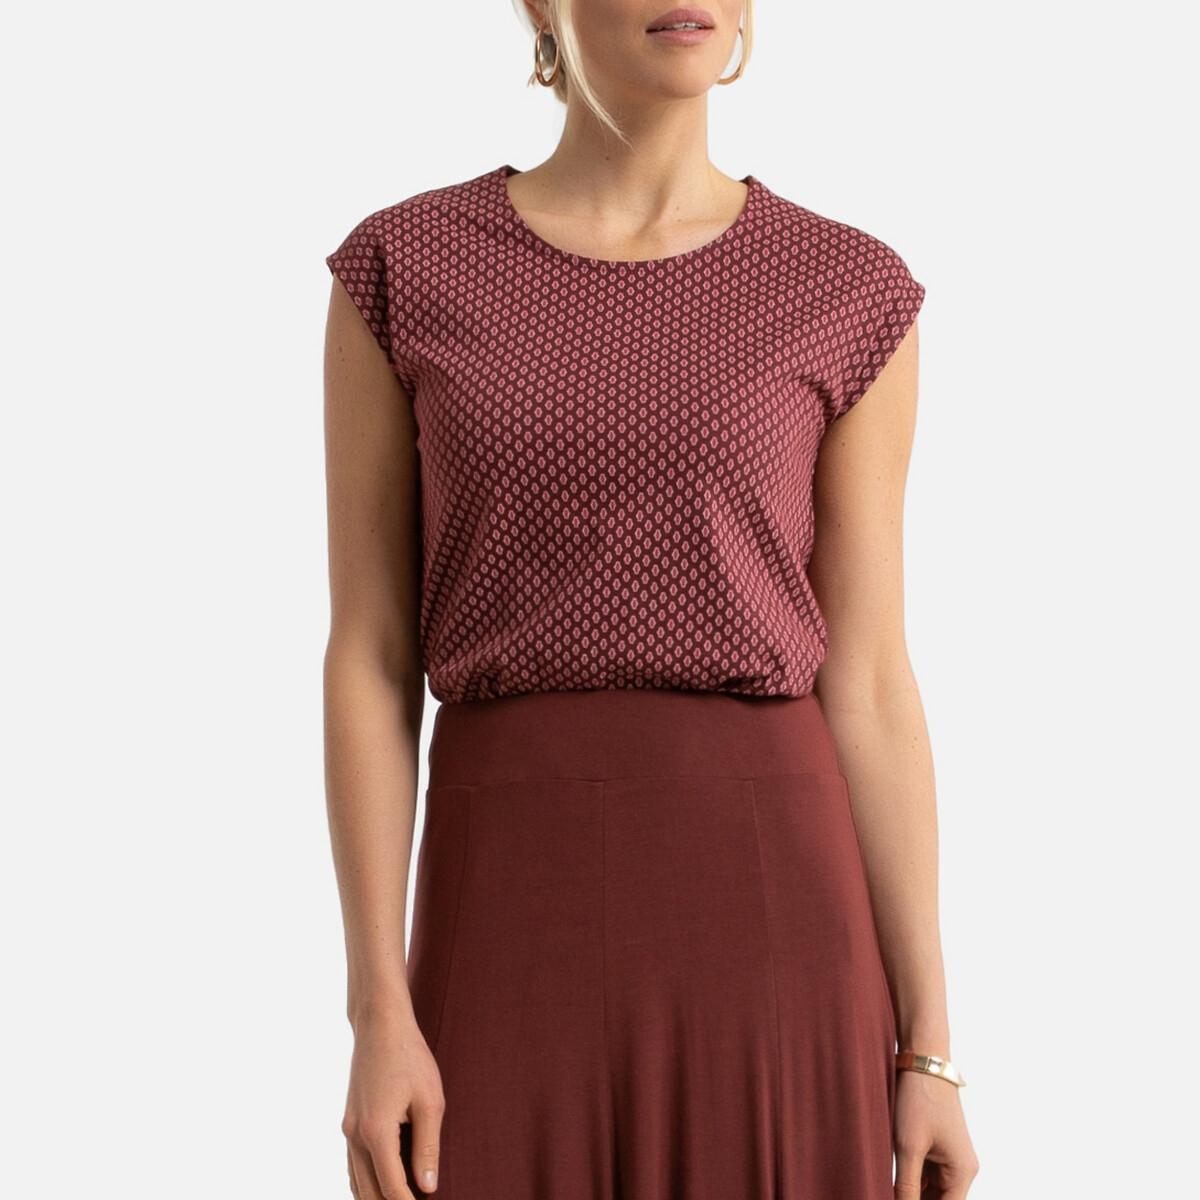 T-shirt de gola redonda, mangas curtas, puro algodão